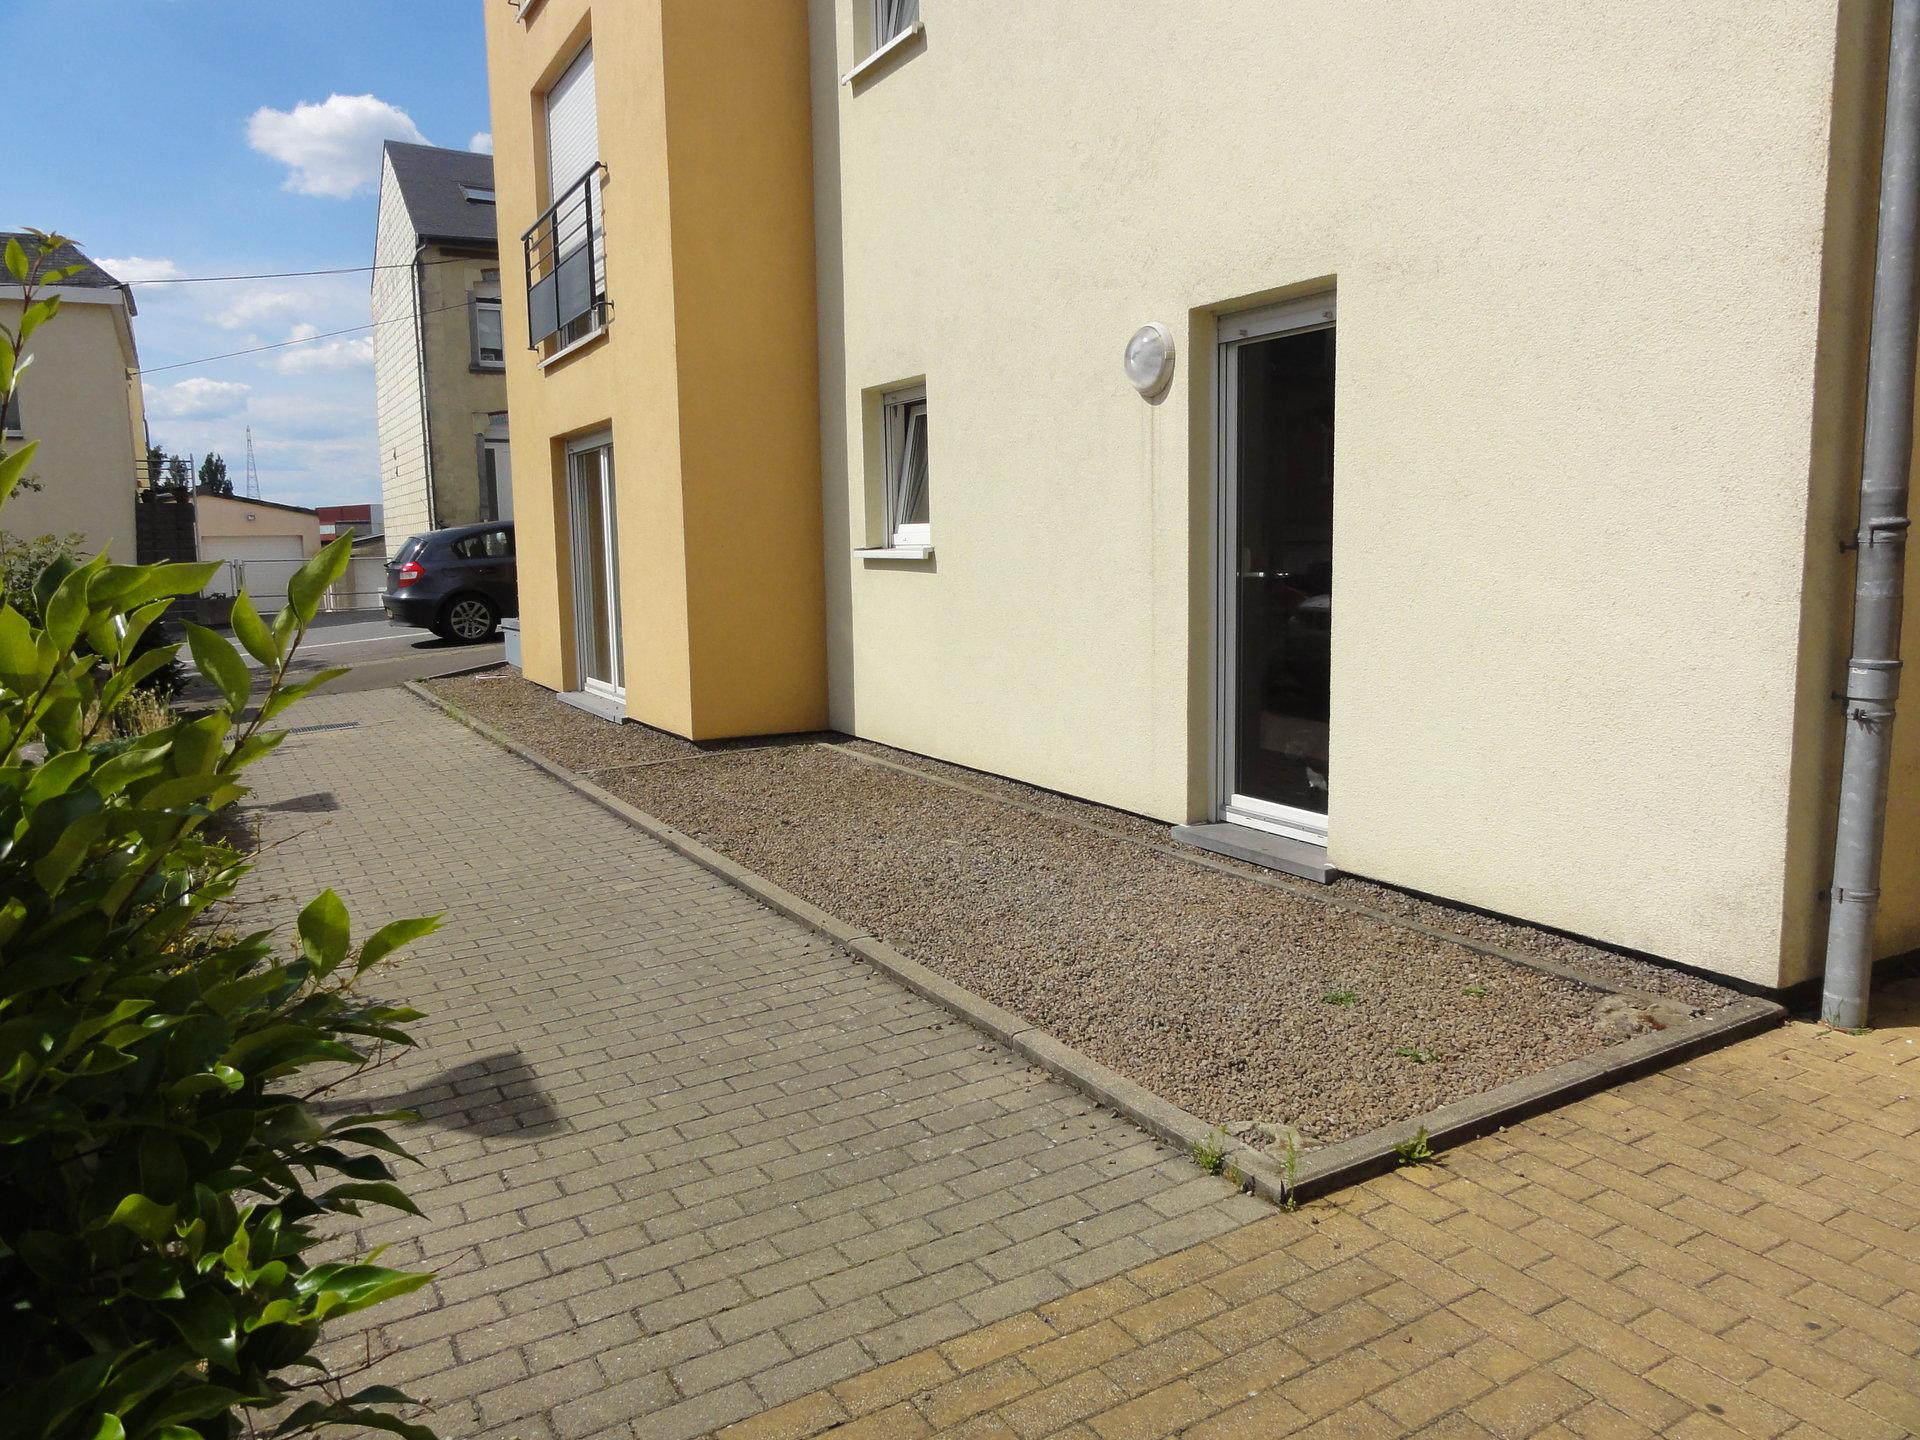 +++VENDU+++Appartement situé au rez-de-chaussée dans la résidence Alessia